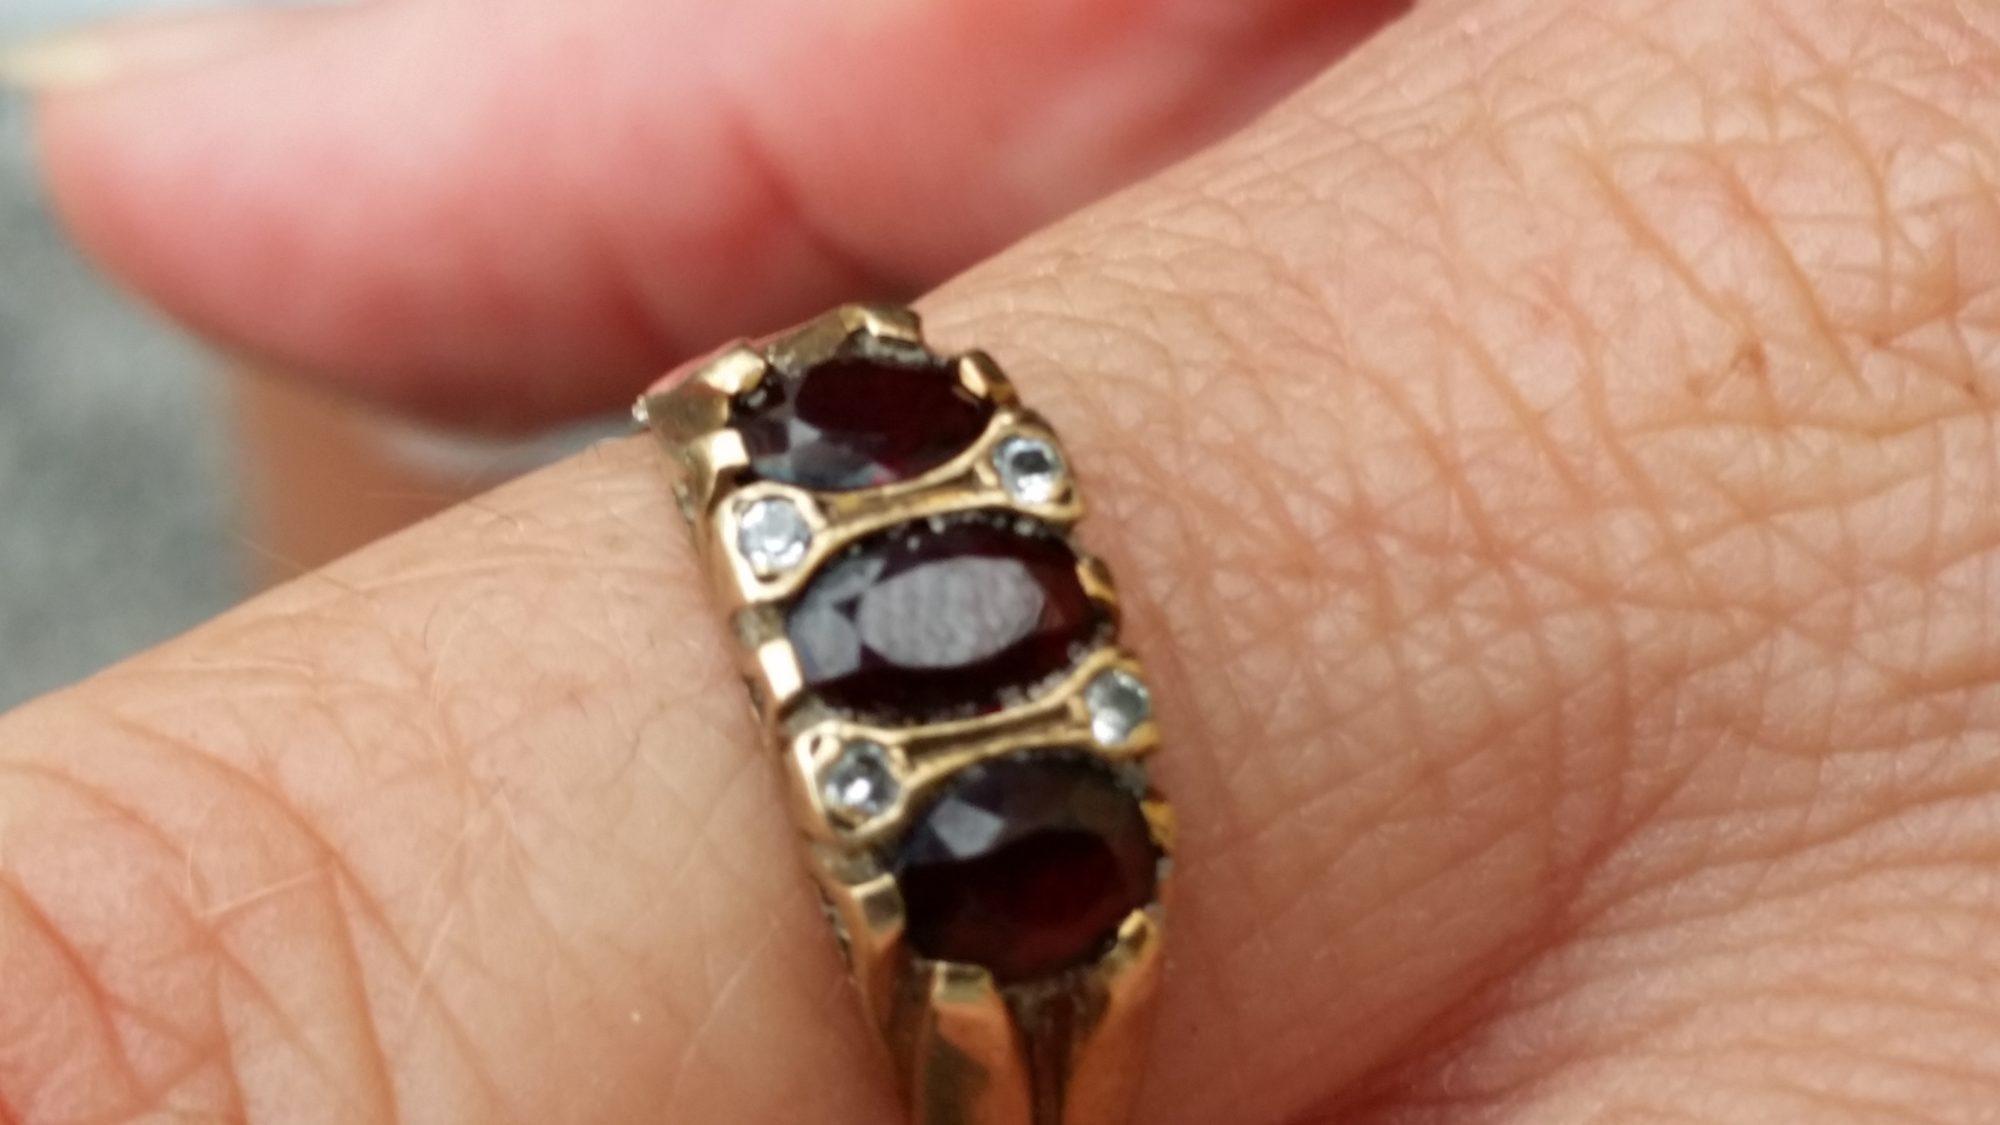 Gemma's ring